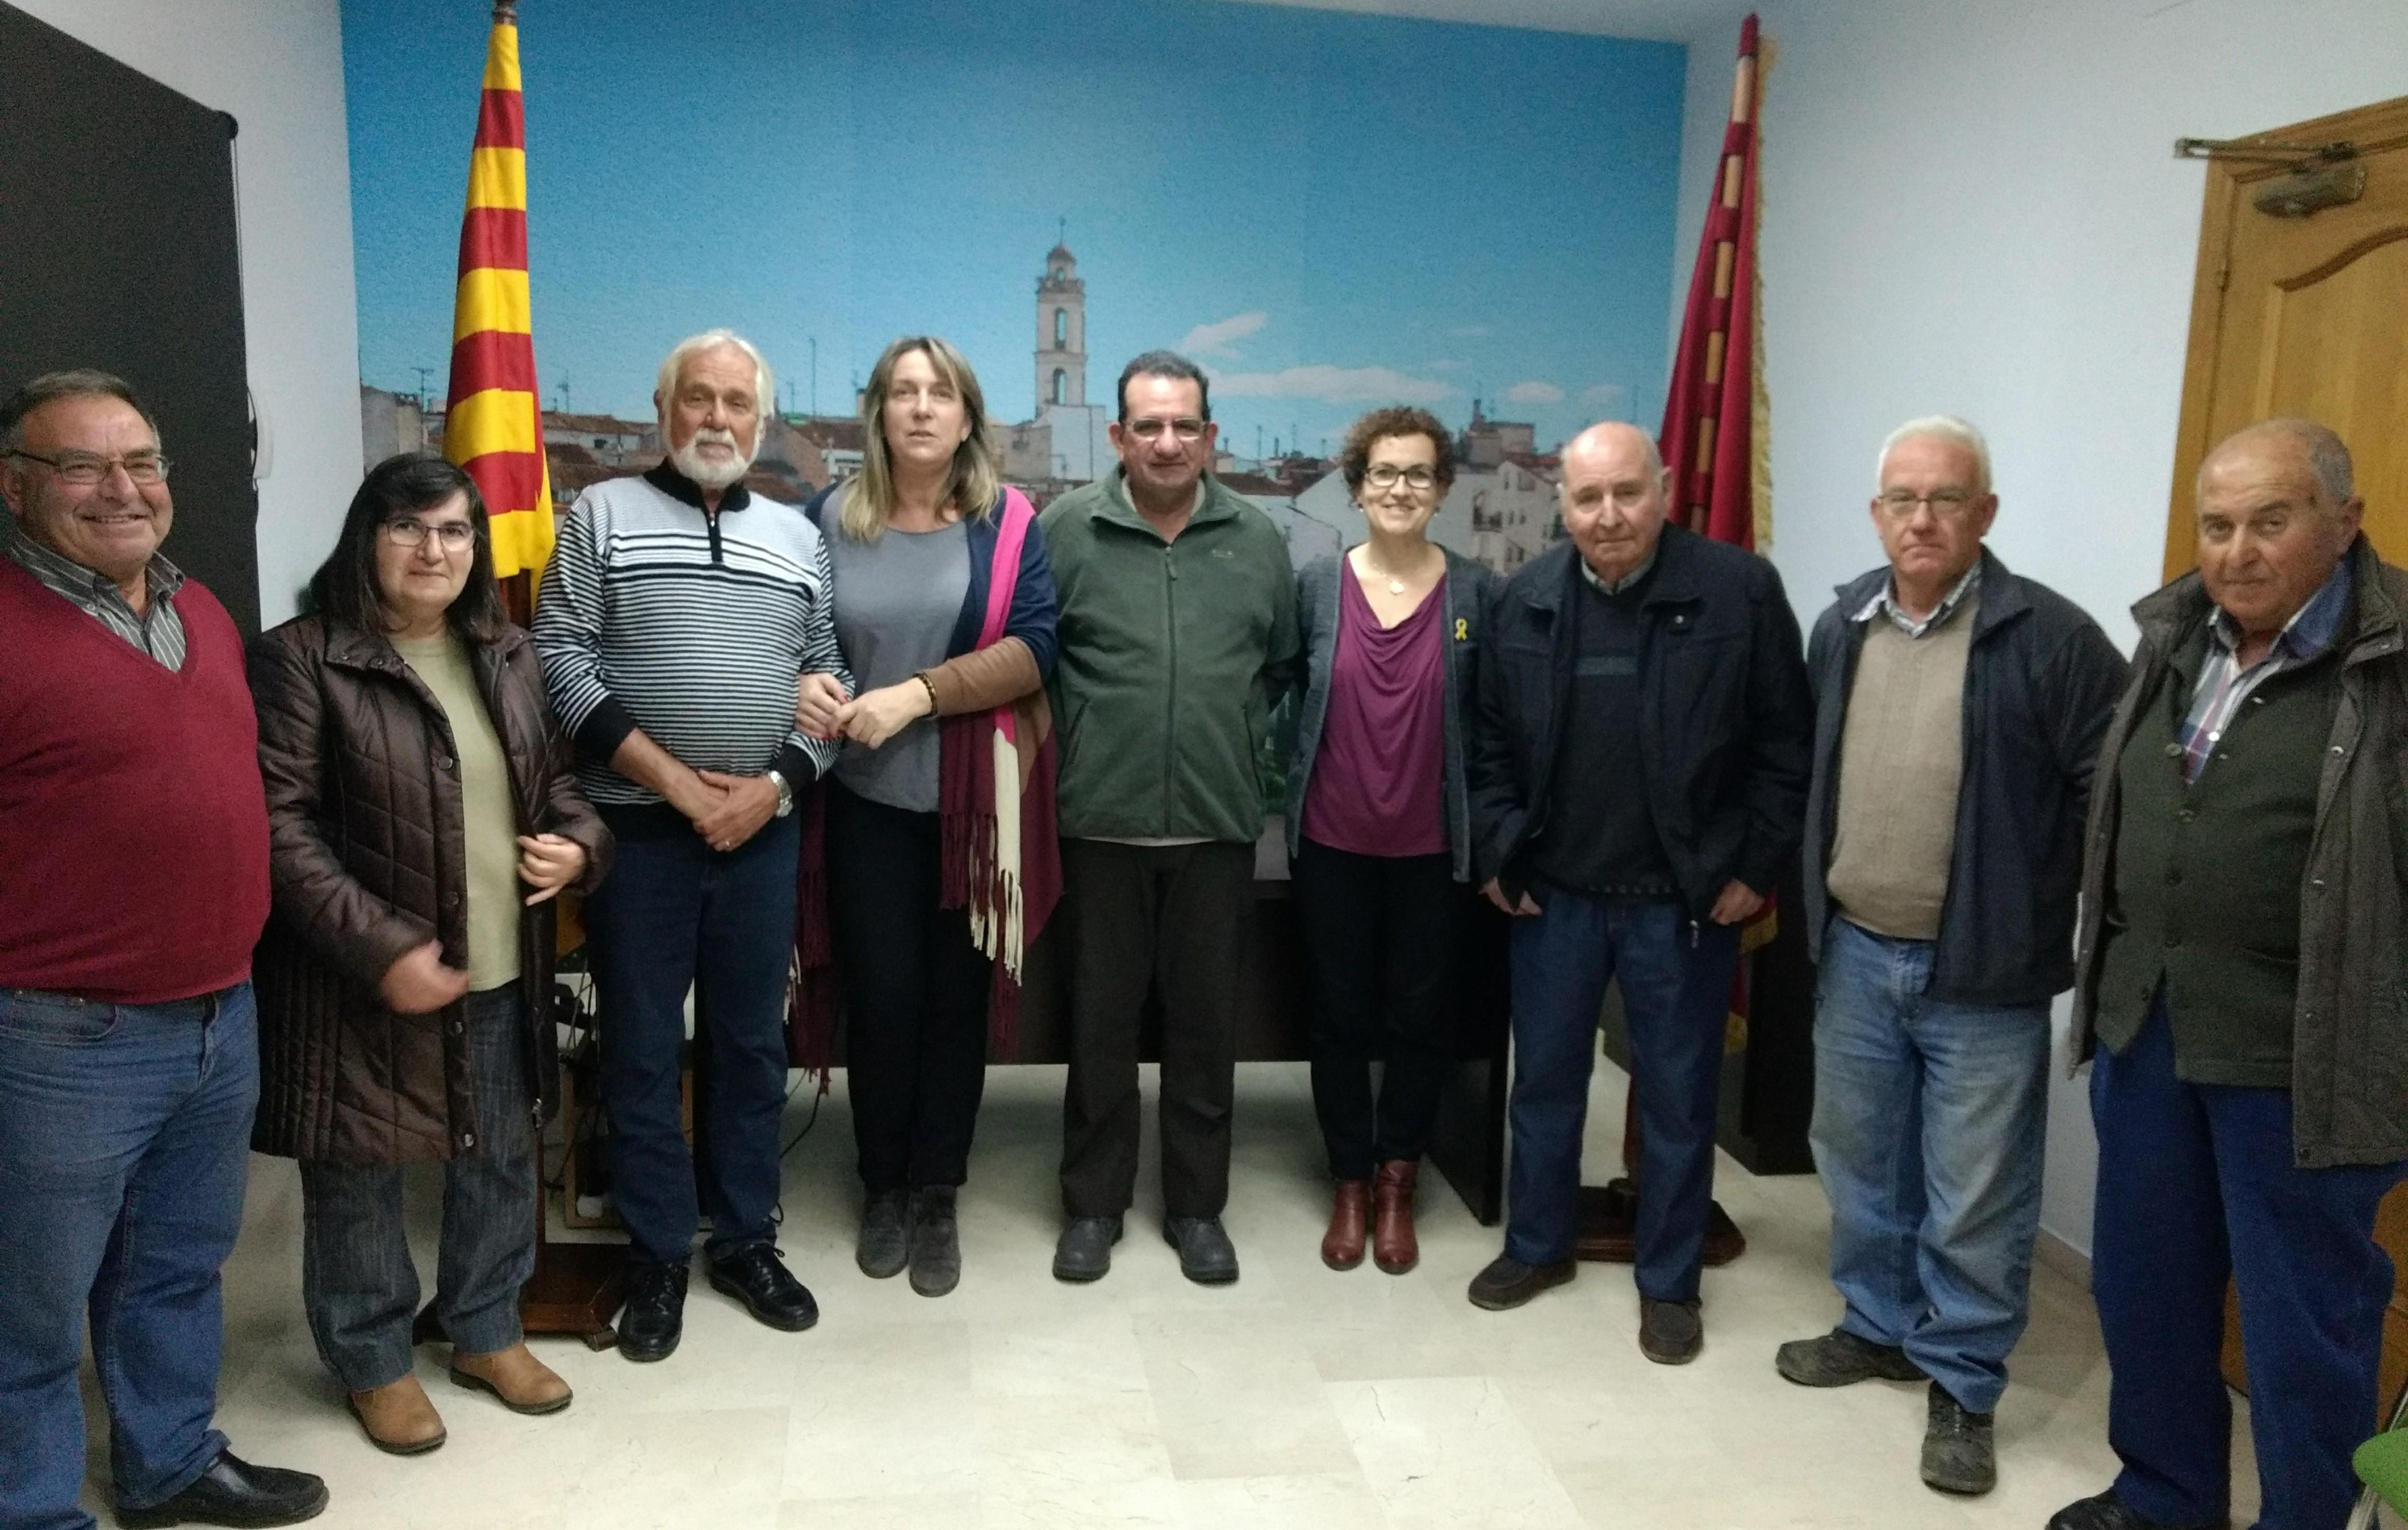 La Bisbal acollirà la XXI Trobada Nacional de la Federació dels Tres Tombs de Catalunya